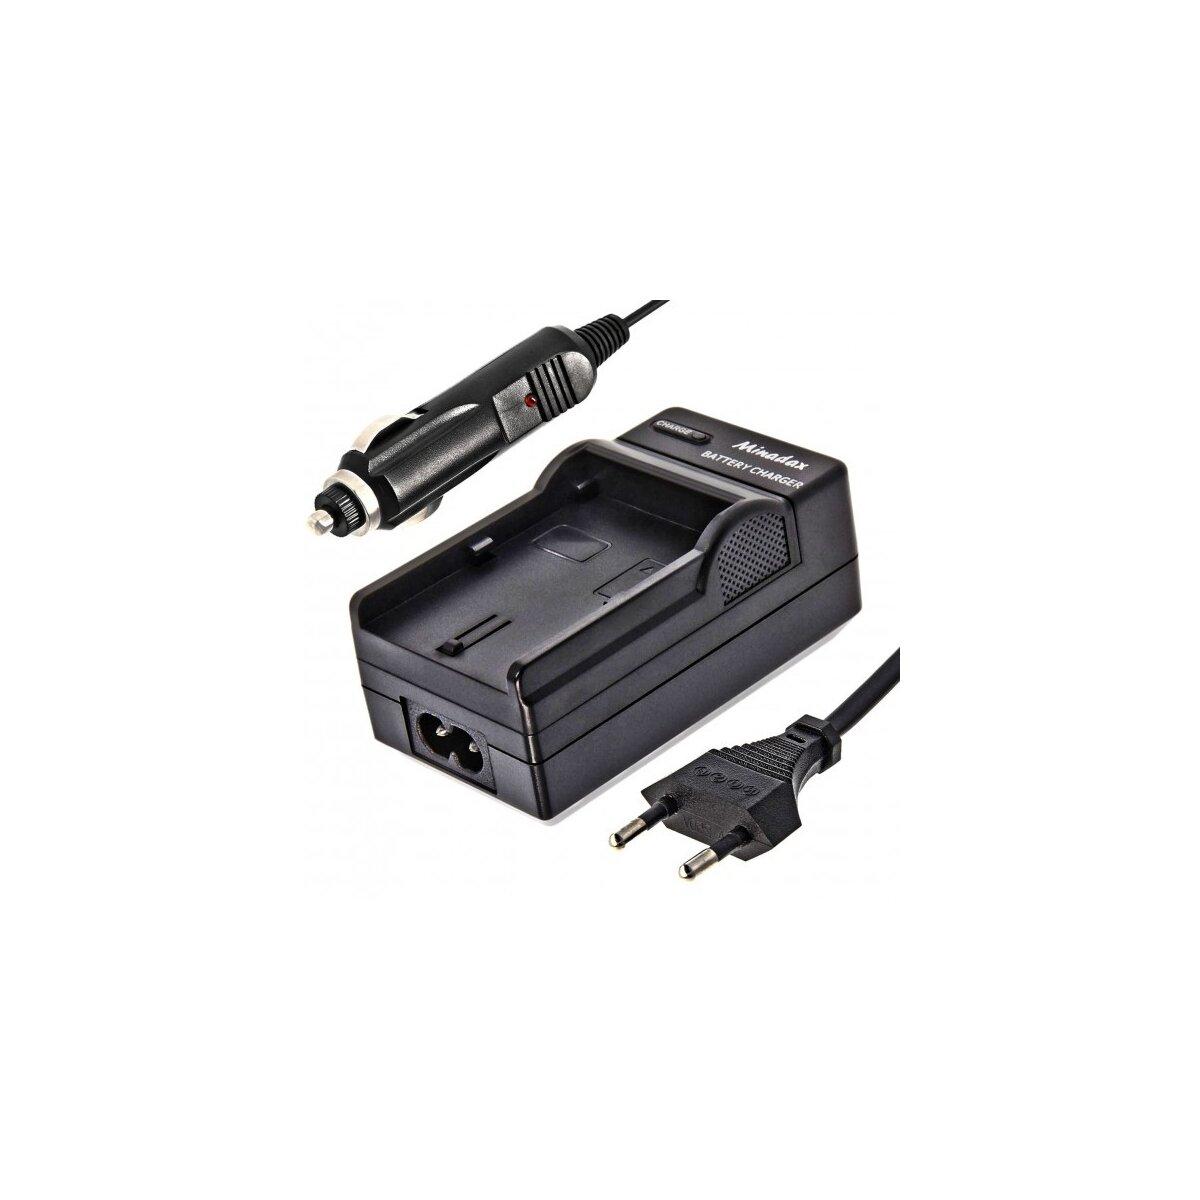 Minadax® Ladegeraet 100% kompatibel fuer Sony NP-BD1, NP-BG1, NP-FD1, NP-FE1, NP-FT1 inkl. Auto Ladekabel, Ladeschale austauschbar